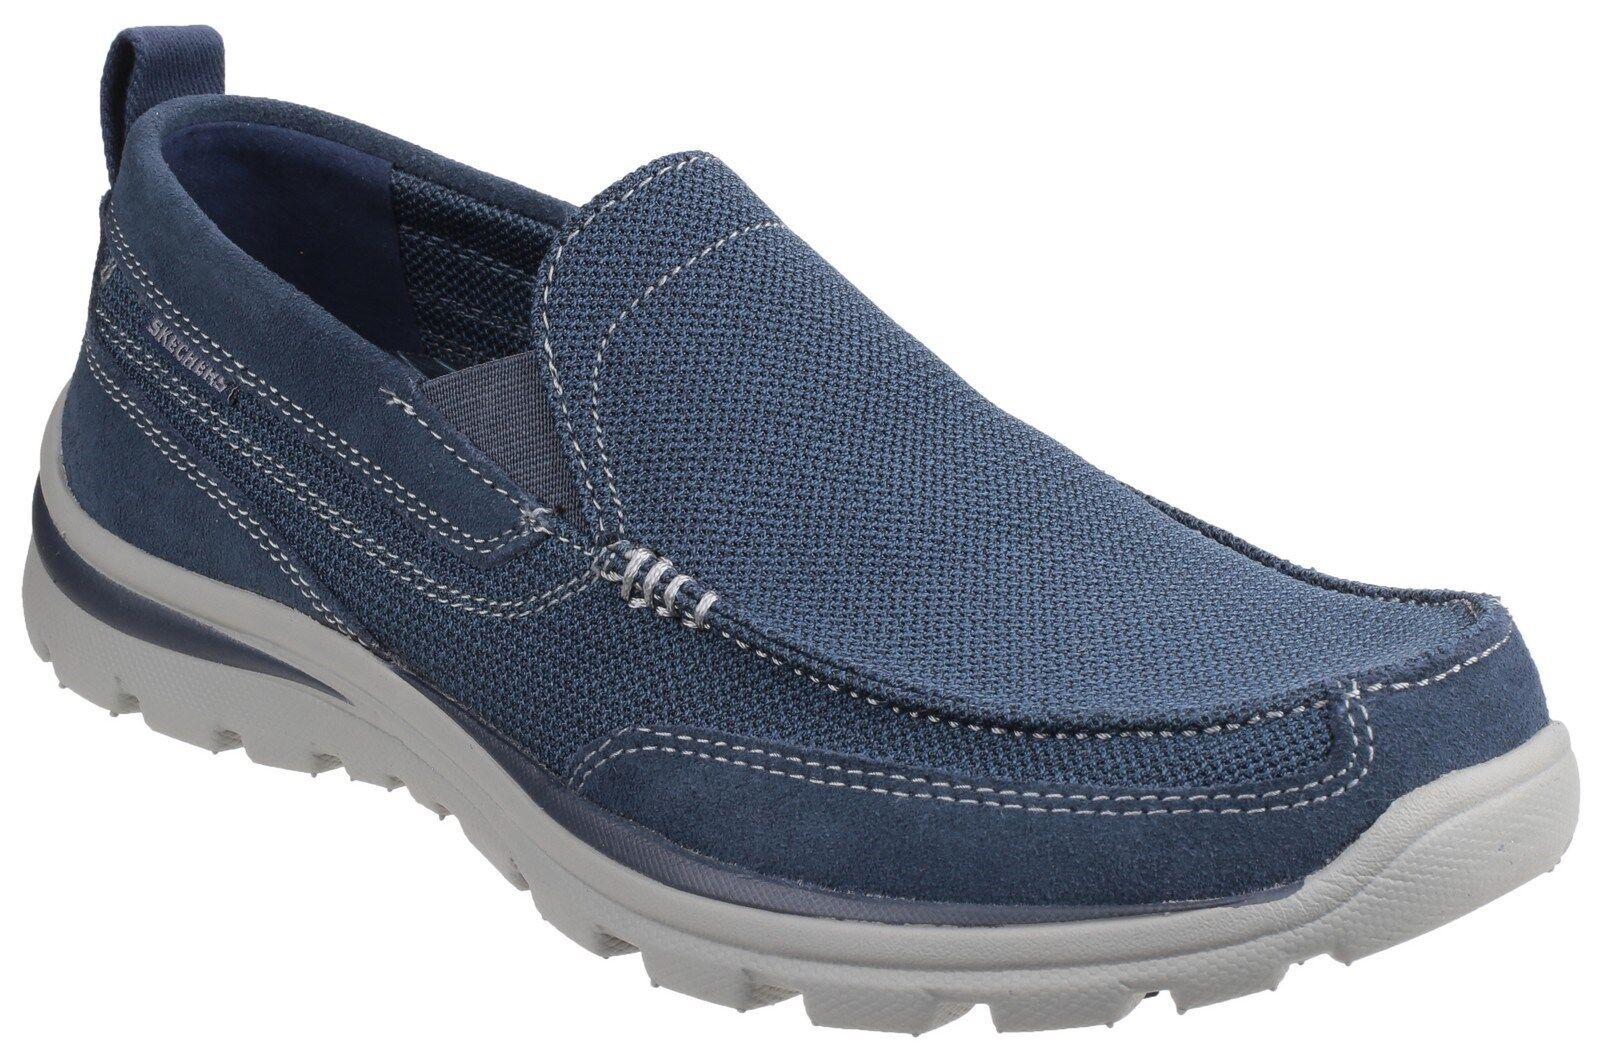 Skechers Skechers Skechers Relaxed Fit  SUPERIOR-Milford Scarpe 64365 da Uomo Memory Foam Scarpe Da Ginnastica | Qualità primaria  | Gentiluomo/Signora Scarpa  af824e